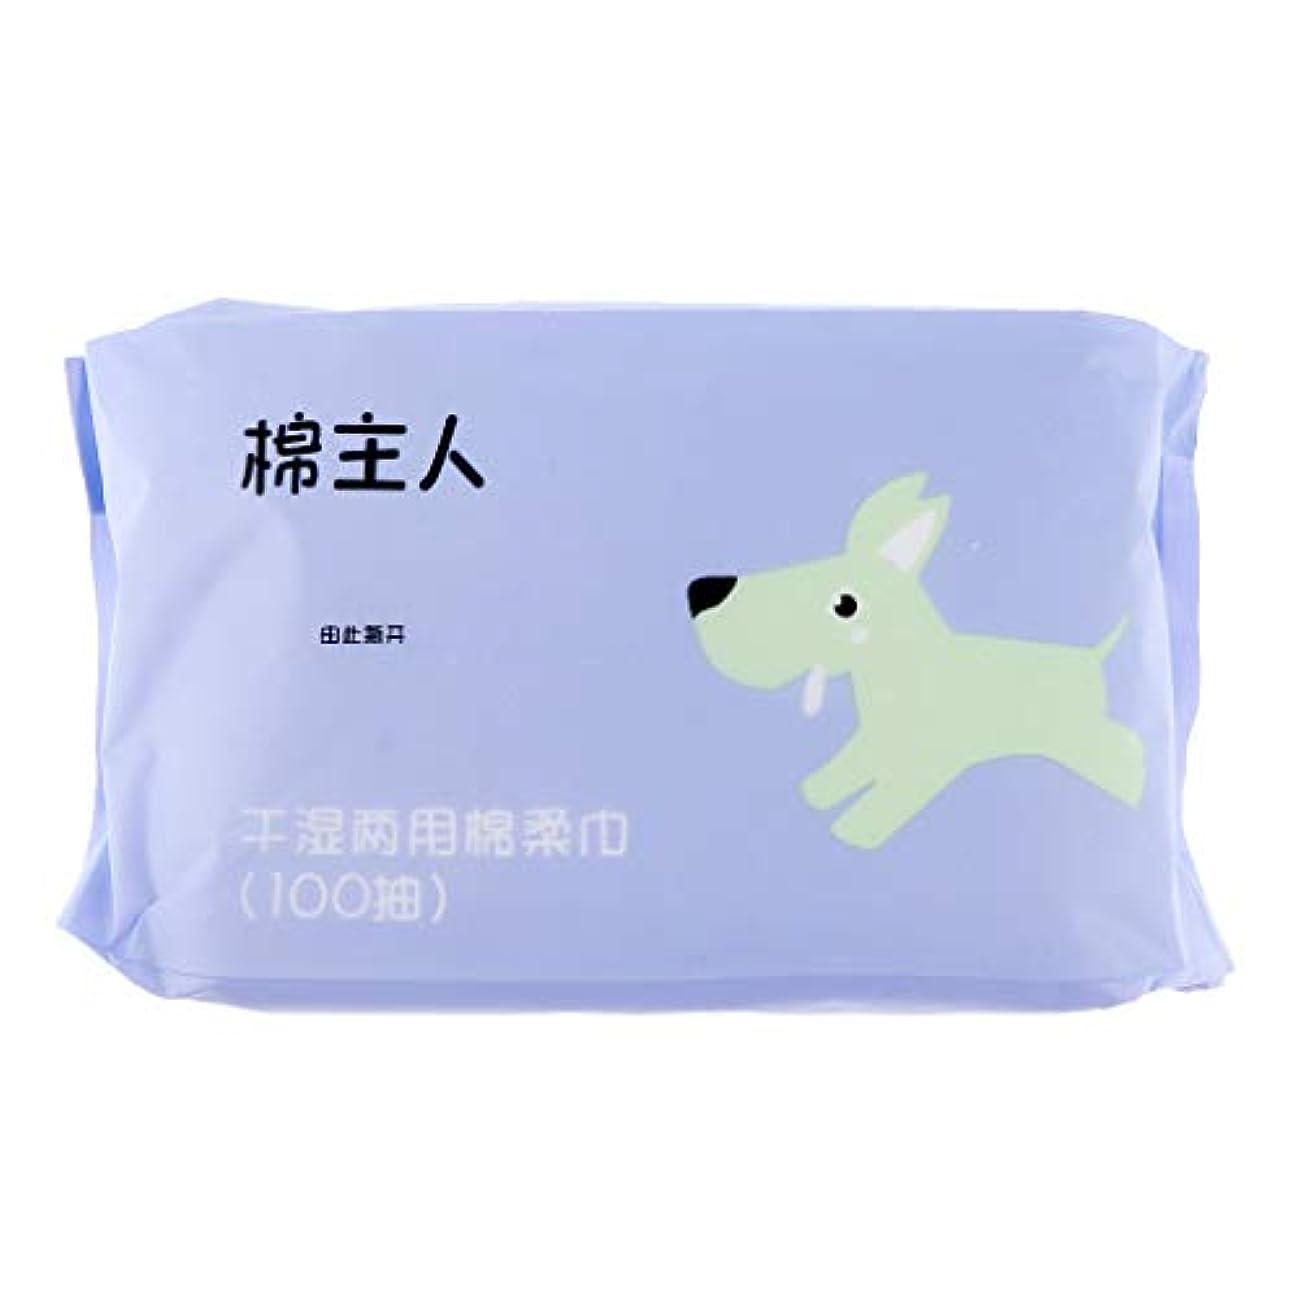 F Fityle 約100枚 使い捨て フェイシャルタオル クリーニング フェイスタオル 化粧品 ソフト 2色選べ - 青紫